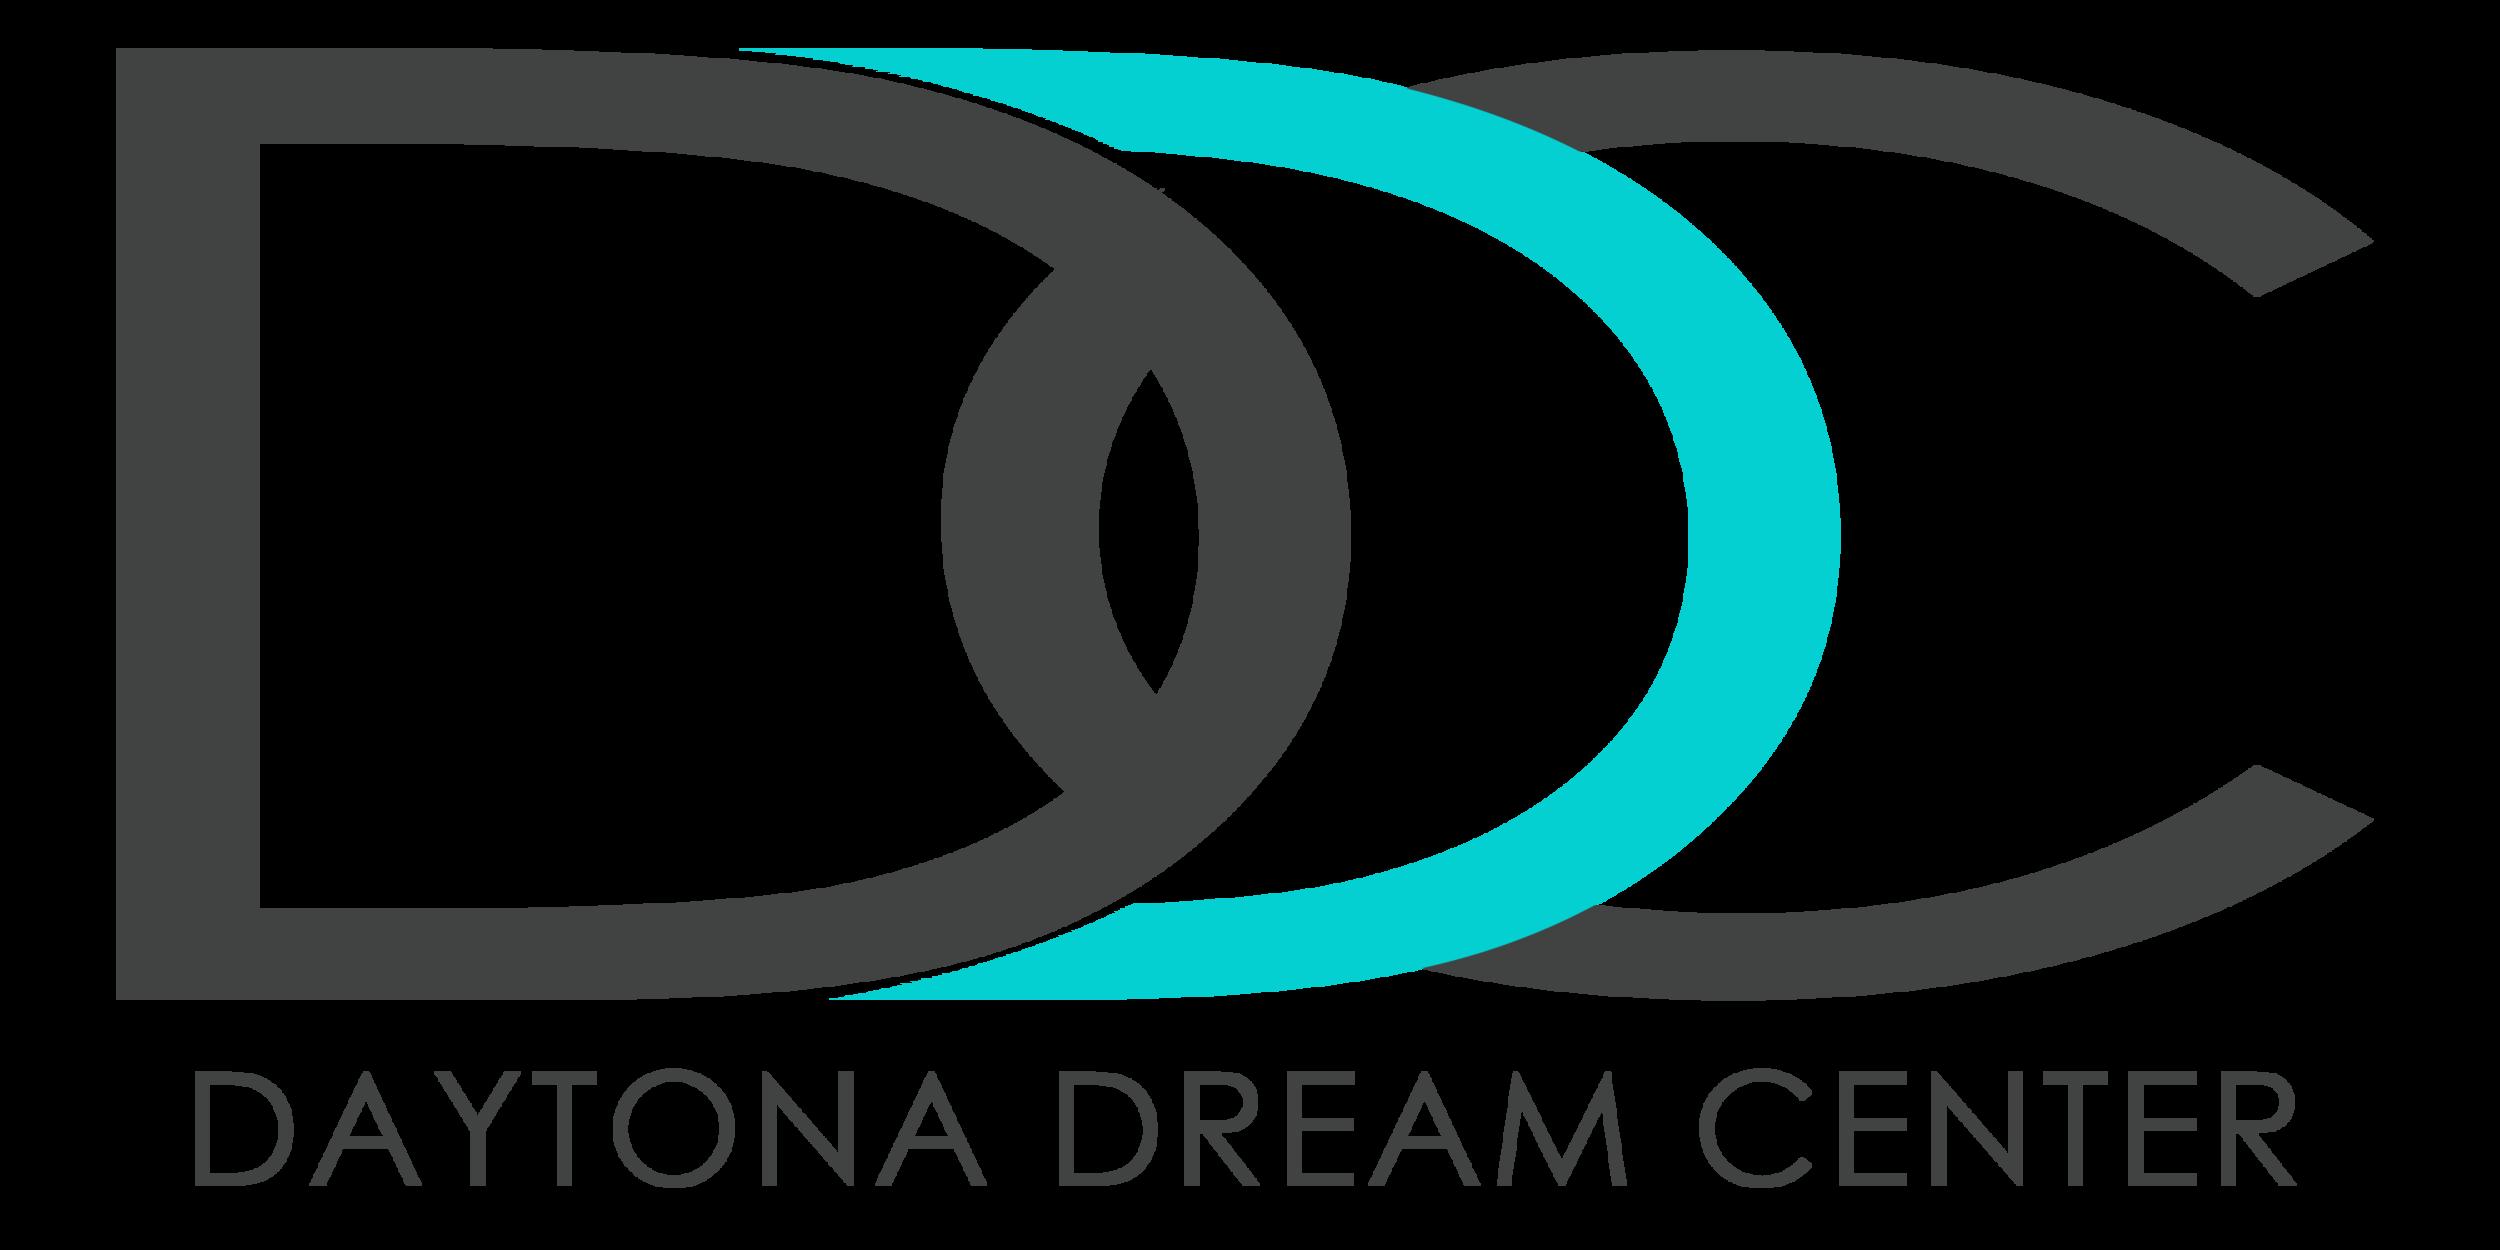 Daytona Dream Center